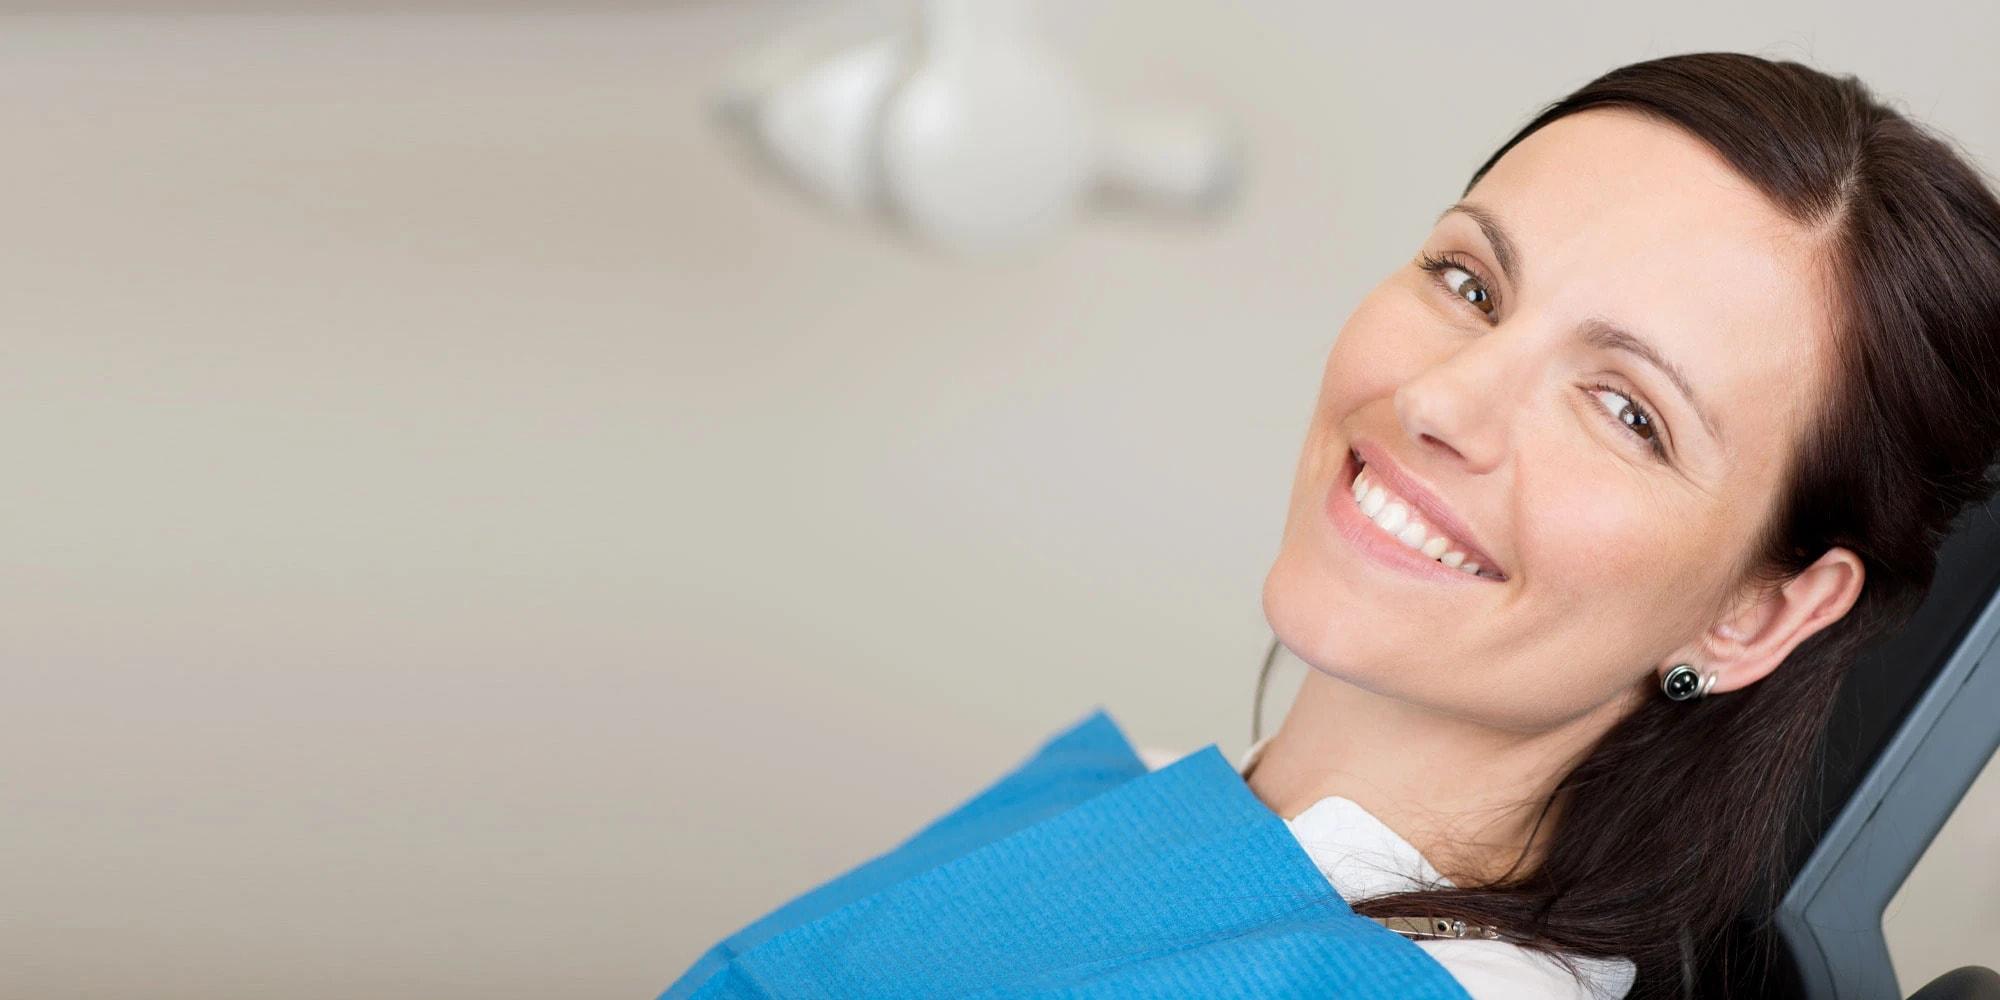 dental patient smiling after dental procedure